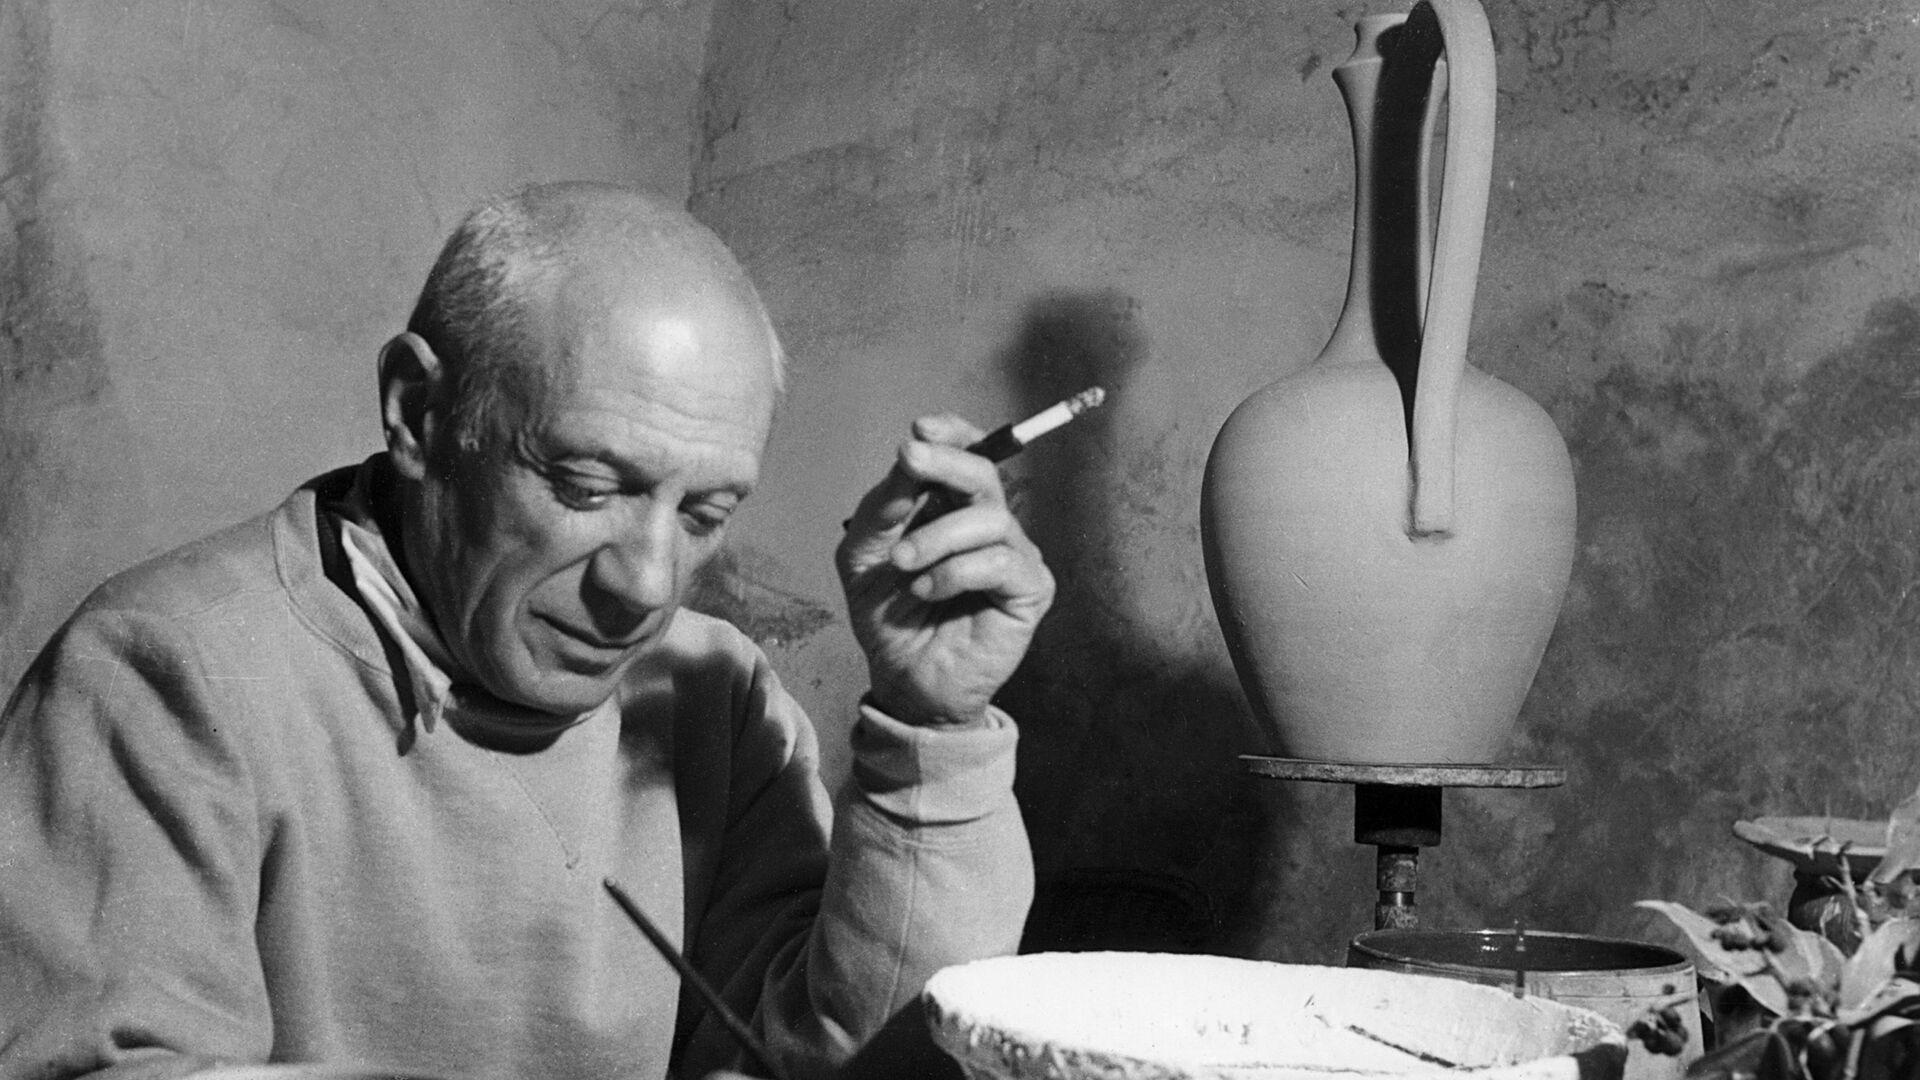 Pablo Ruiz Picasso, pintor y escultor español - Sputnik Mundo, 1920, 14.05.2021